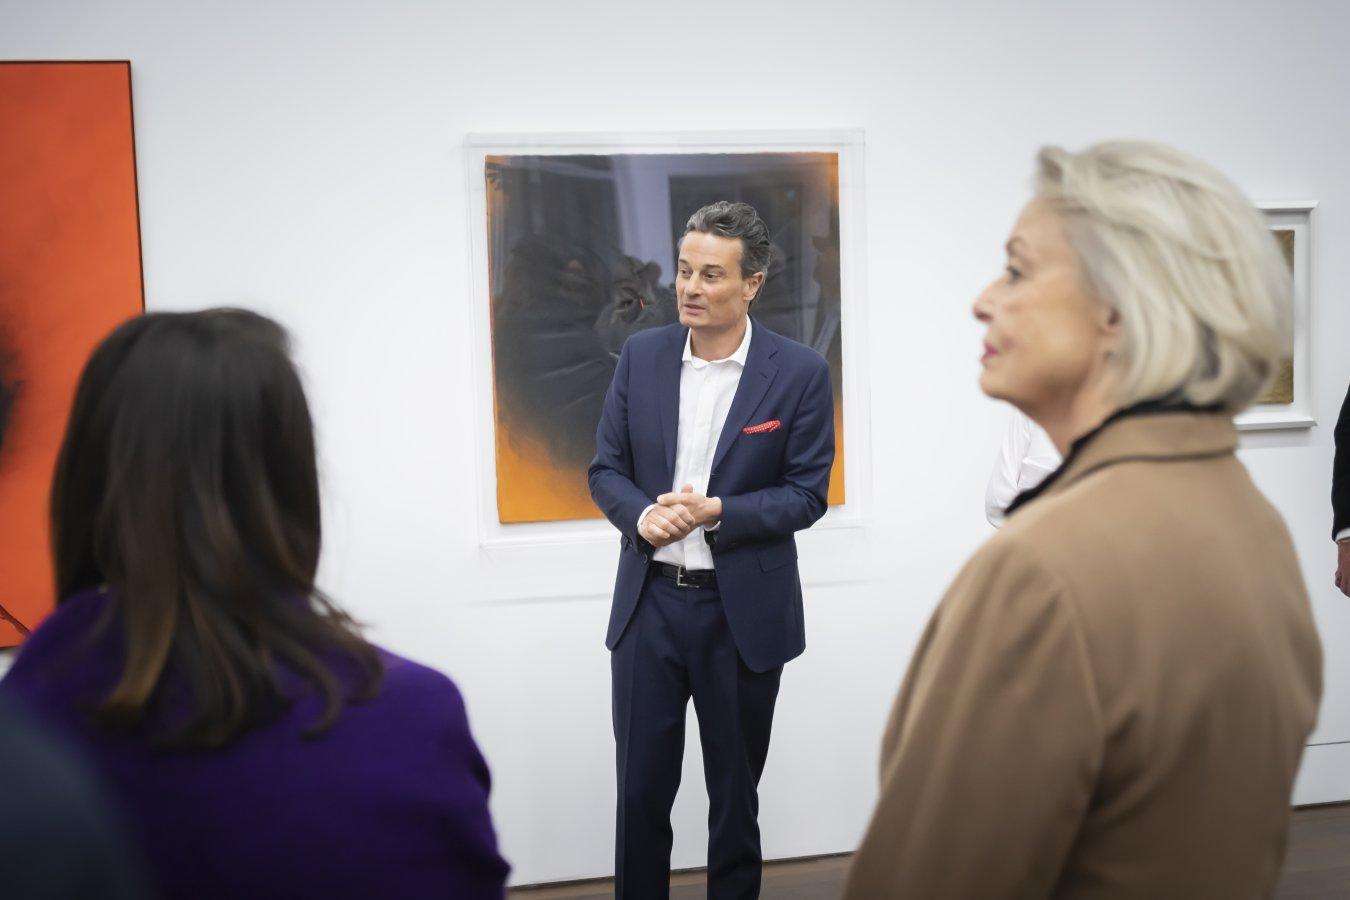 Dr. Edgar Quadt gibt Details zu seiner Sammlung in der Preview zur Otto Piene Ausstellung preis.  © Foto: Helmut Reinelt